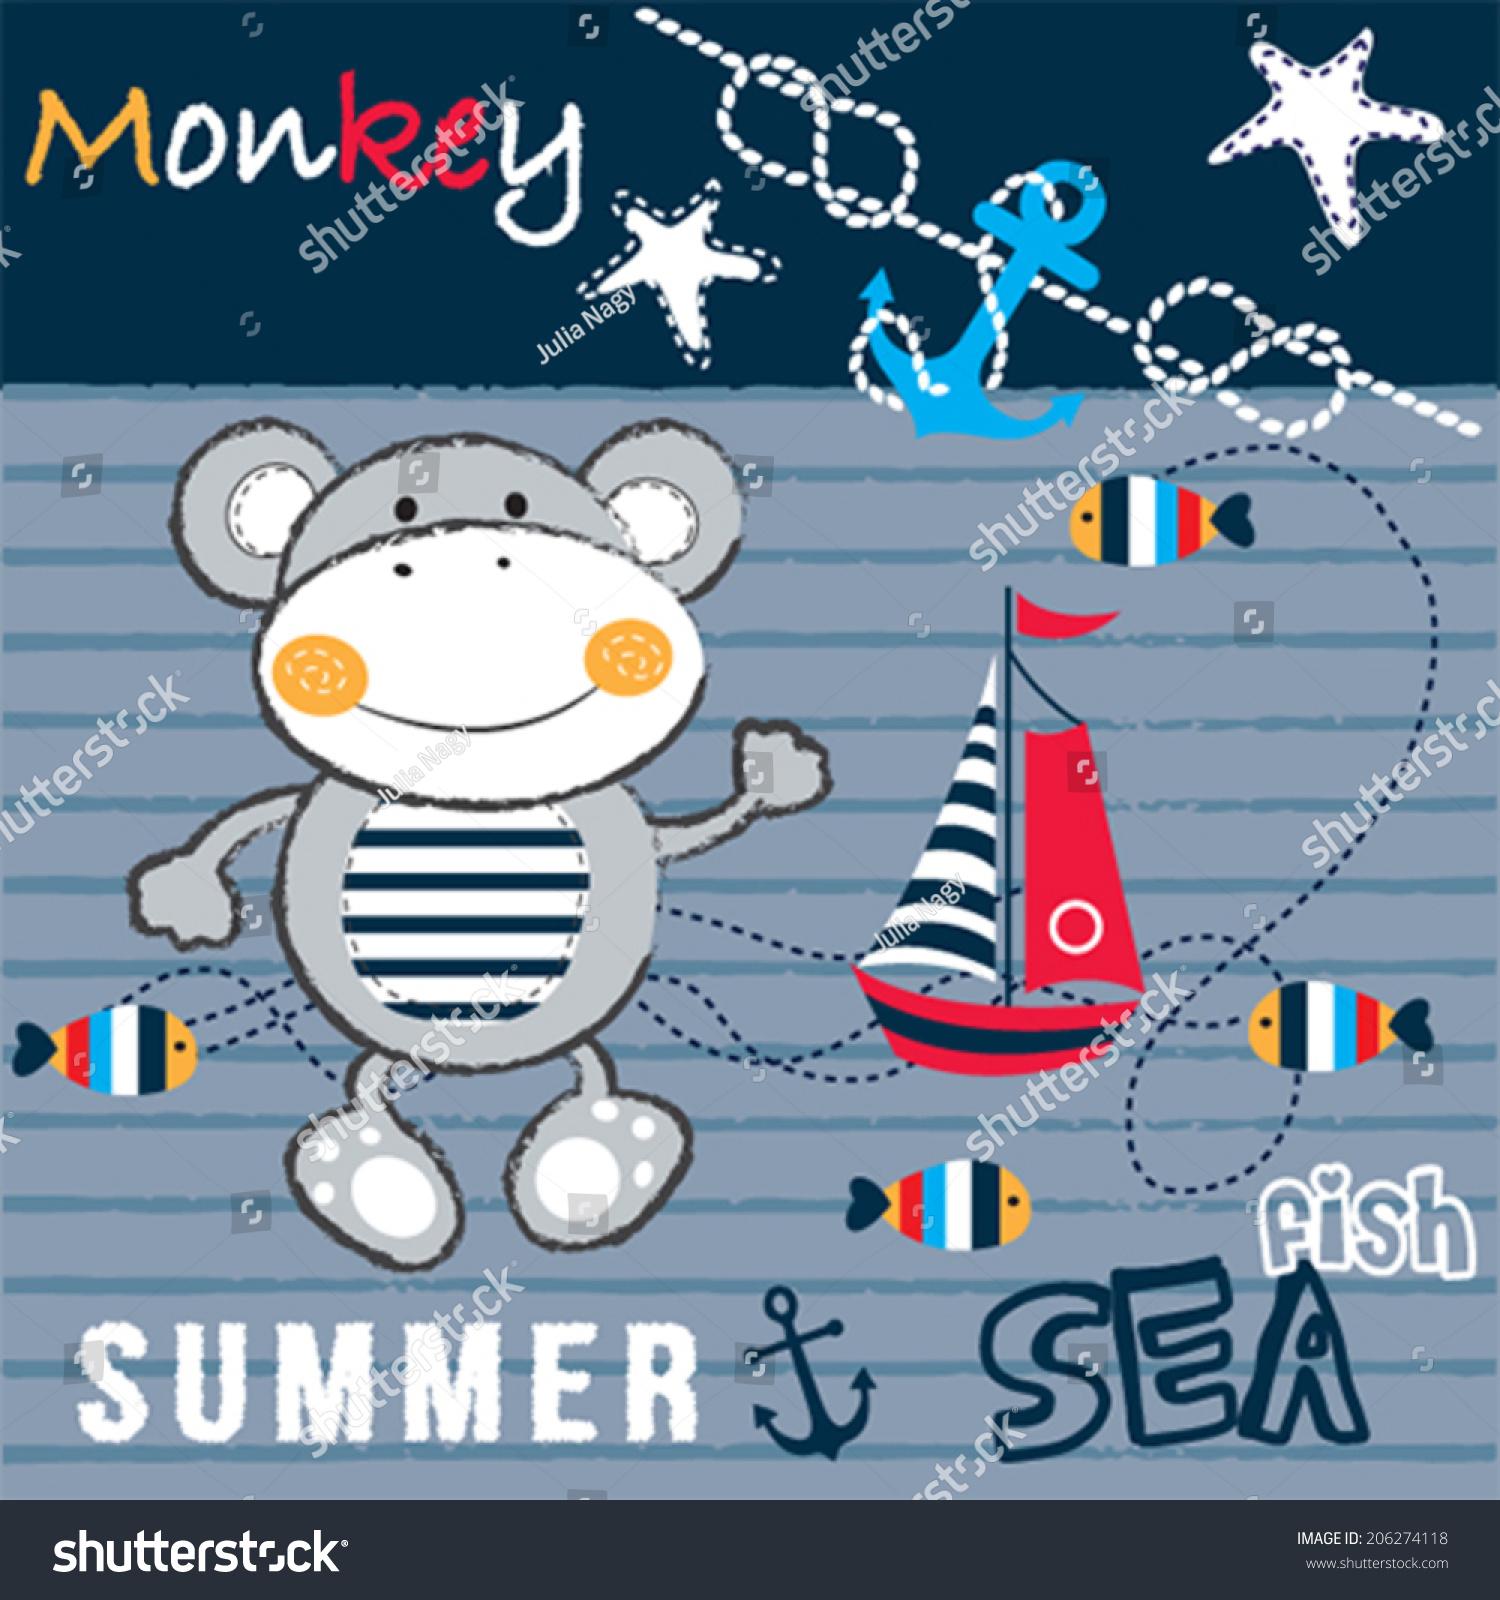 可爱的水手猴子鱼帆船条纹背景矢量图-动物/野生生物